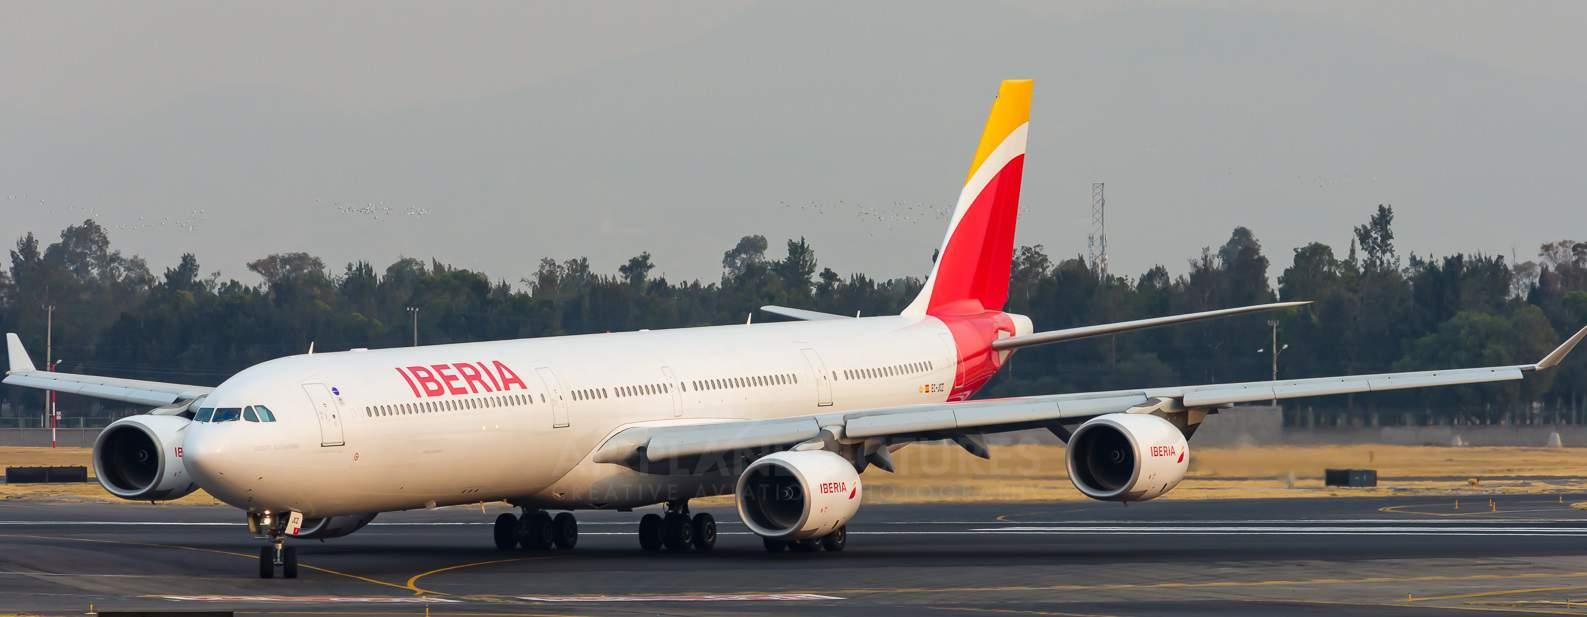 Iberia anuncia la reanudación de vuelos domésticos y europeos a partir del 1 de julio